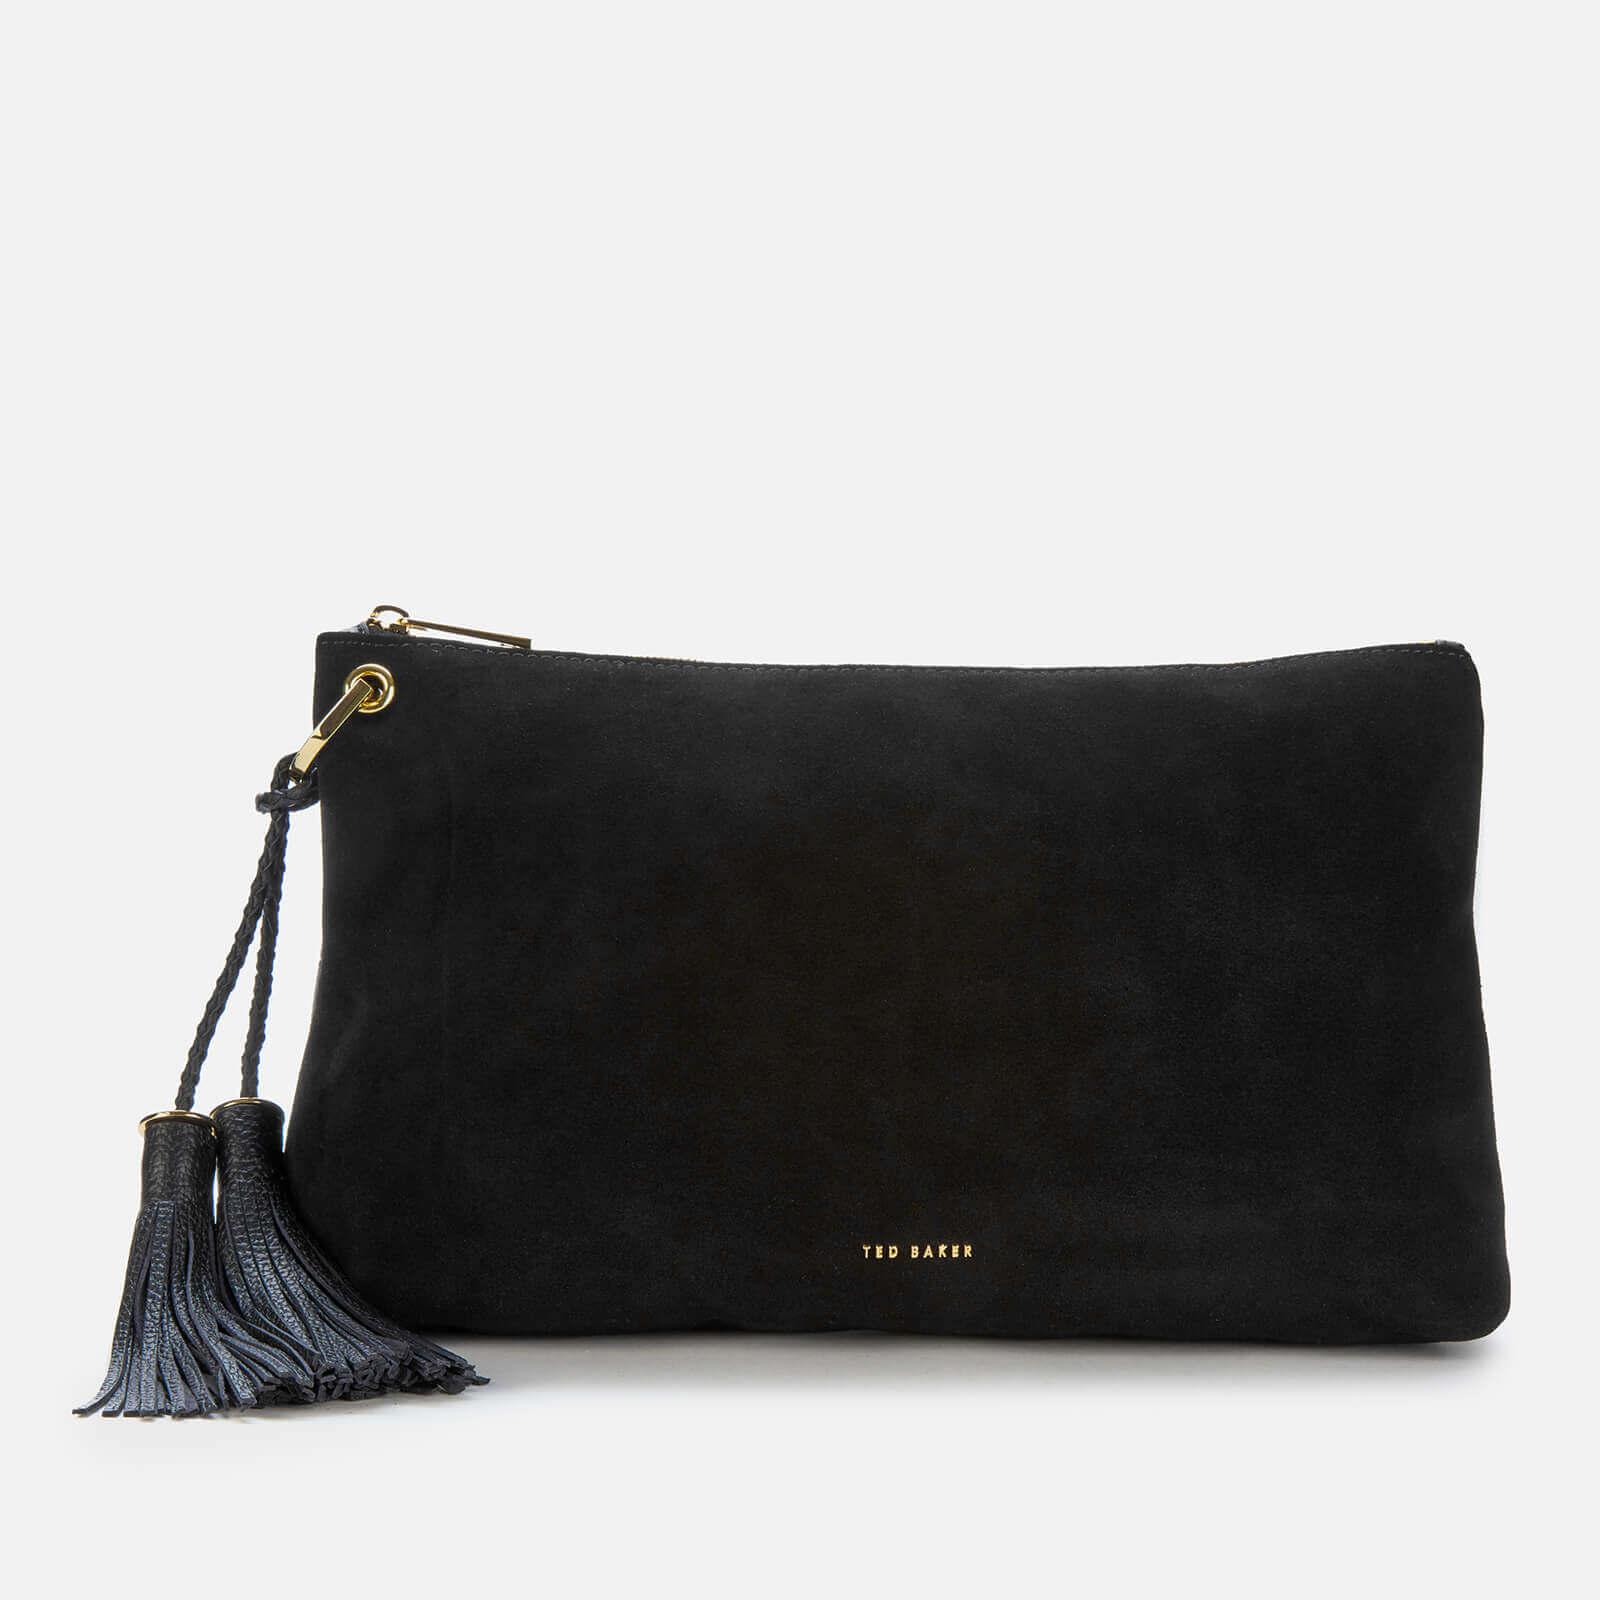 Ted Baker Women's Deseree Double Tassel Clutch Bag - Black